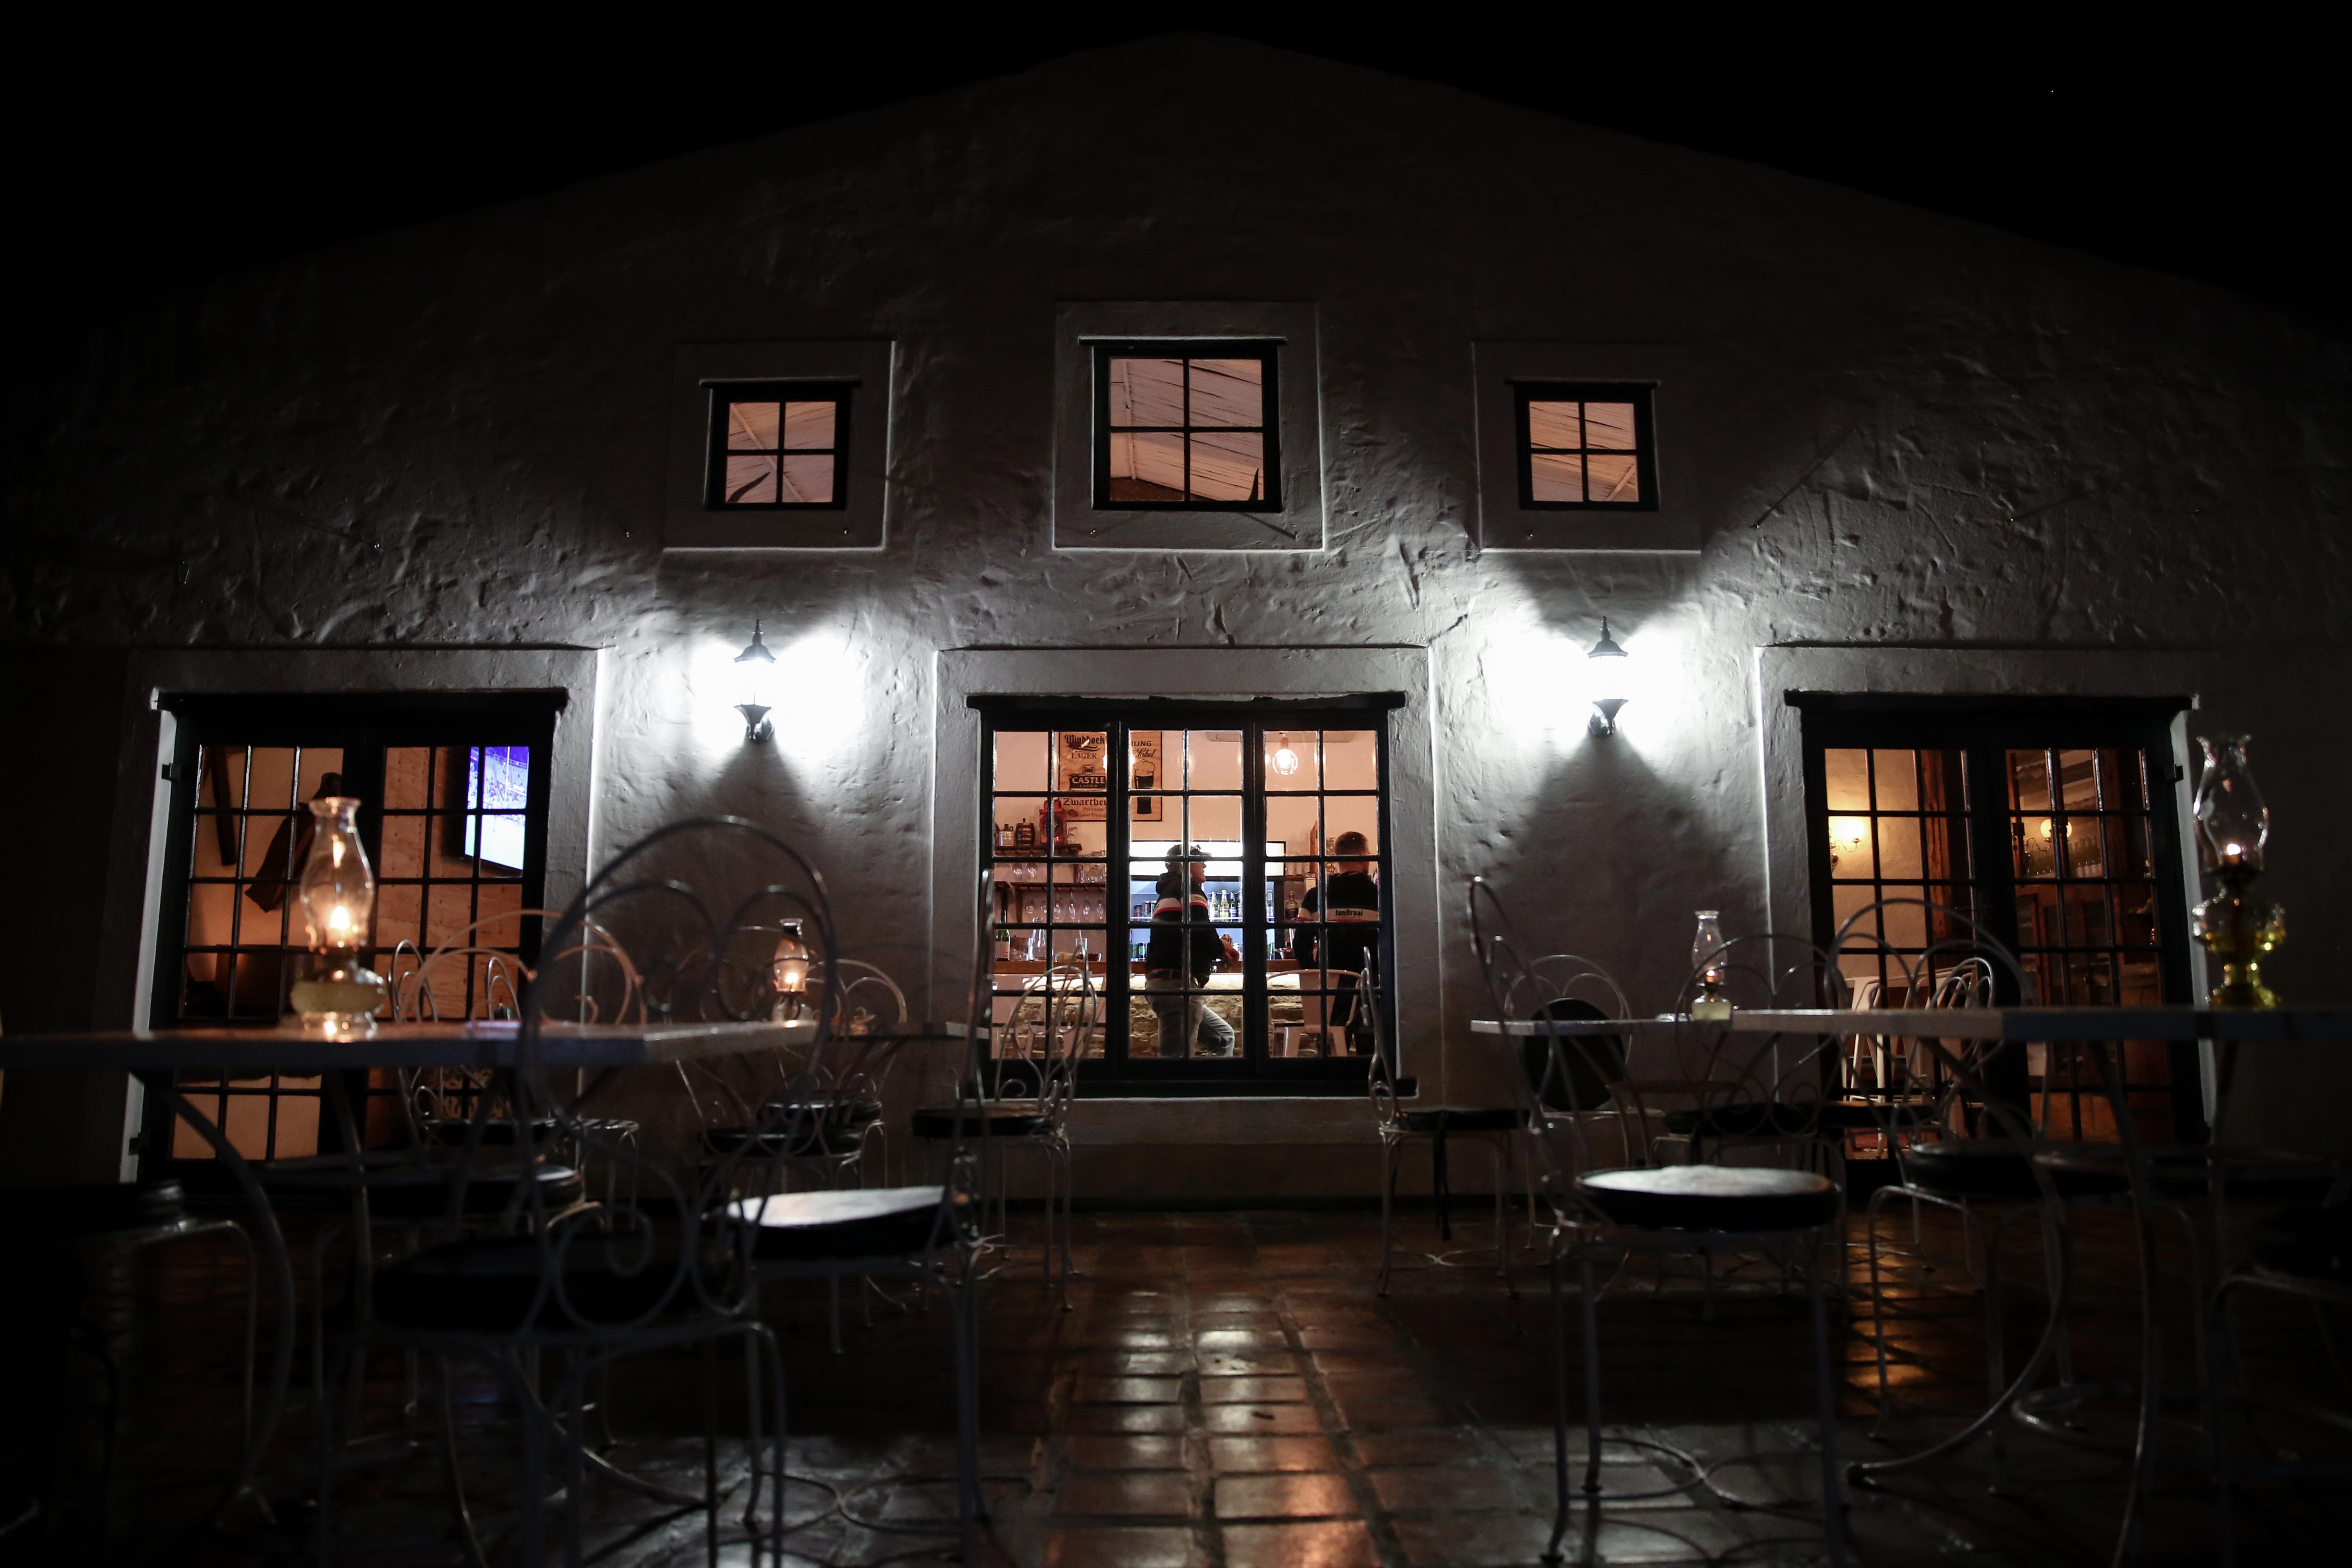 De Opstal Restaurant & Bar